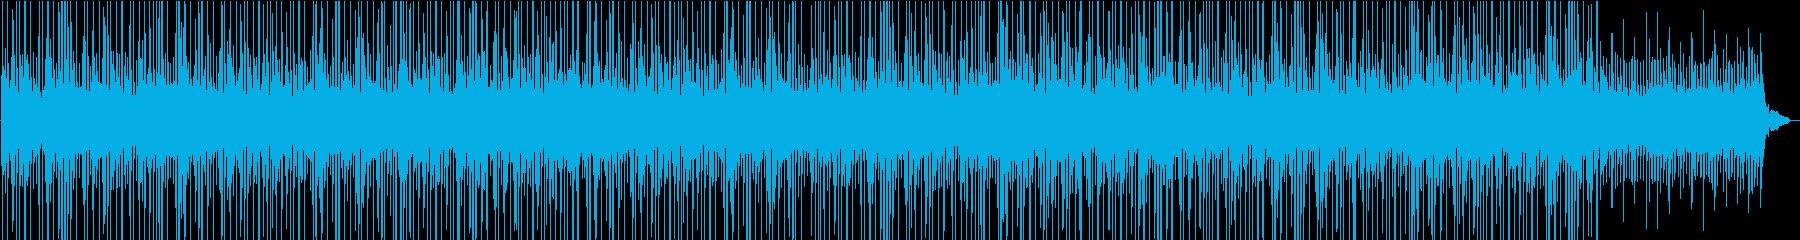 ほのぼのCM向け・チル・ローファイの再生済みの波形